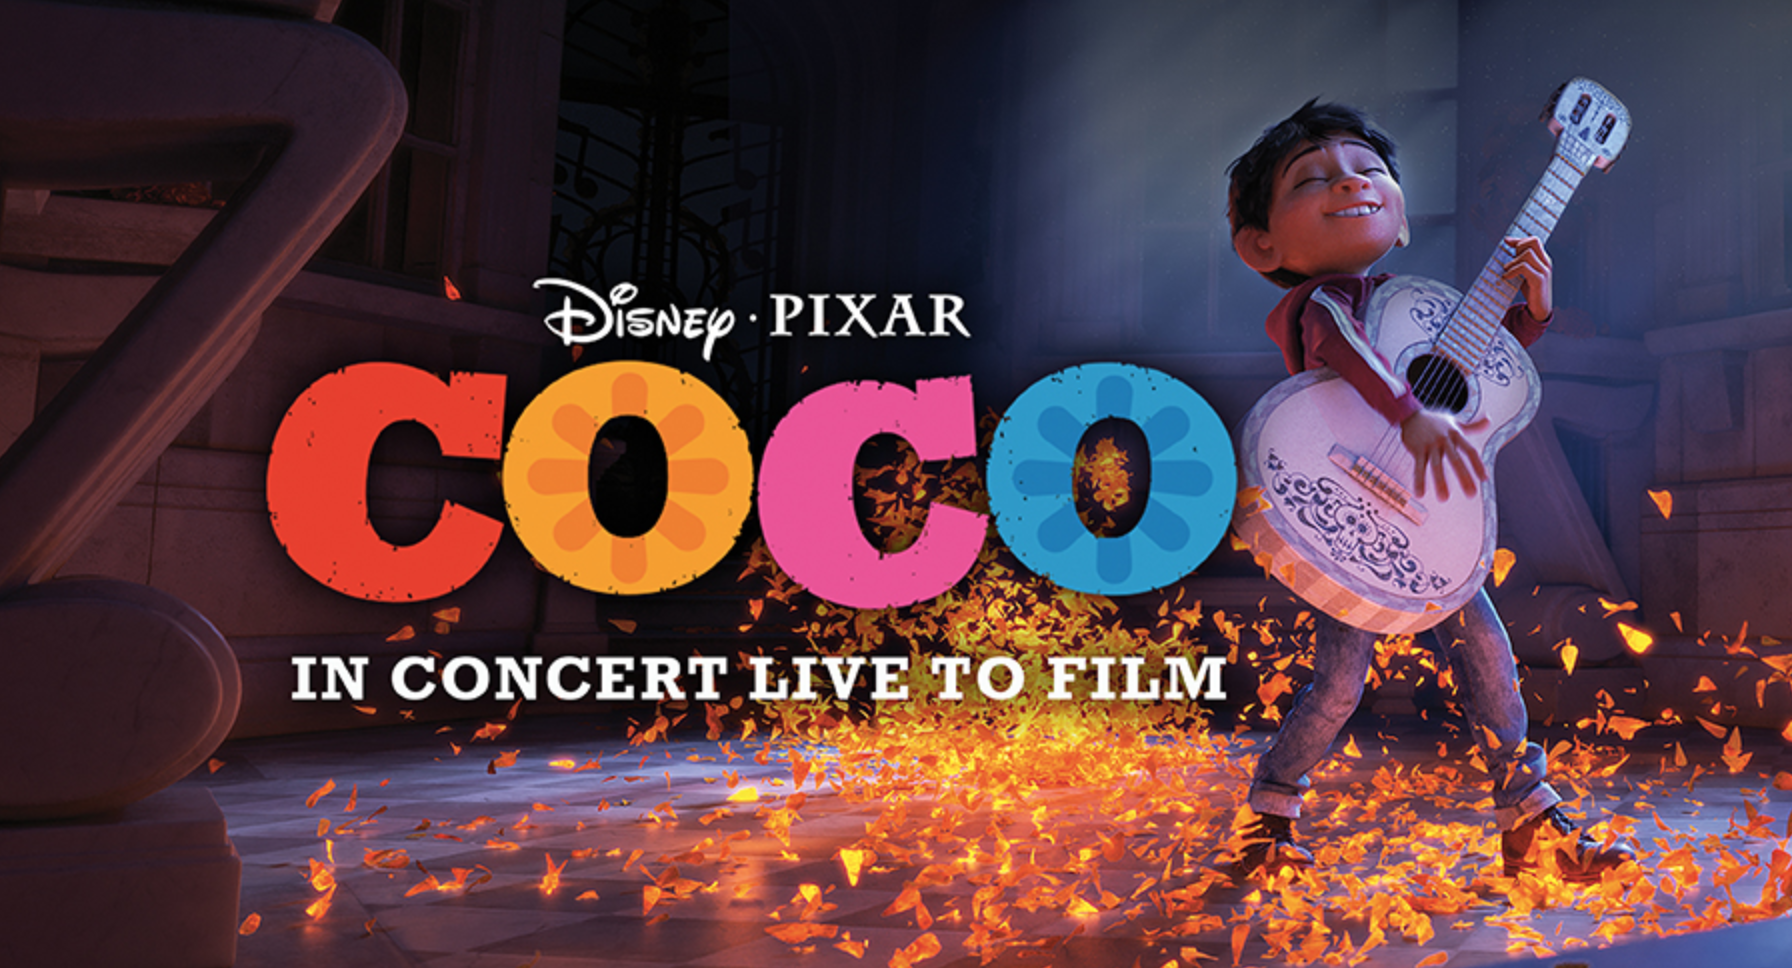 """Disney & Pixar's """"Coco"""" Live In Concert"""